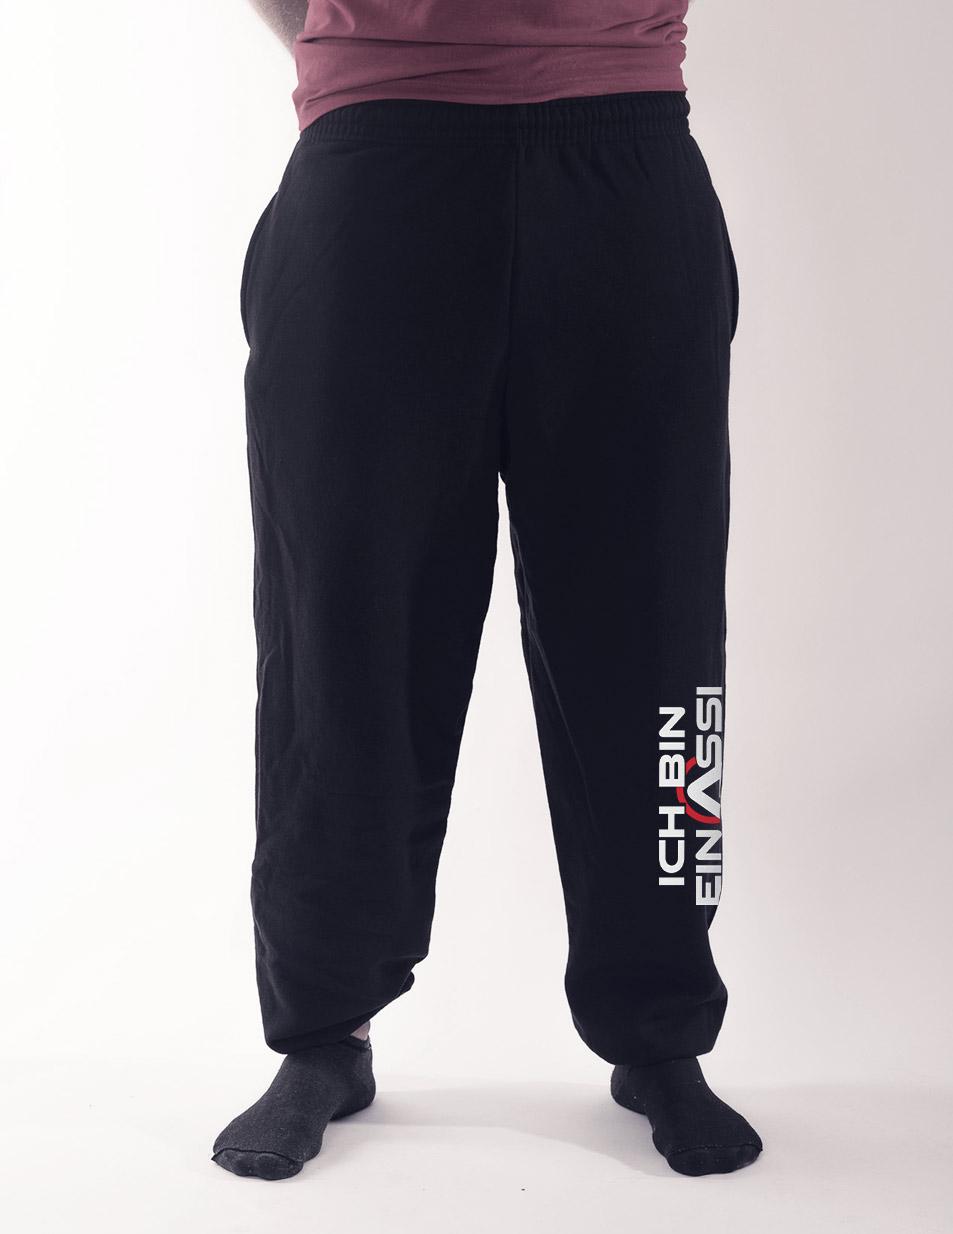 Herren-Jogginghose Ich bin ein Assi Pilz mehrfarbig auf schwarz